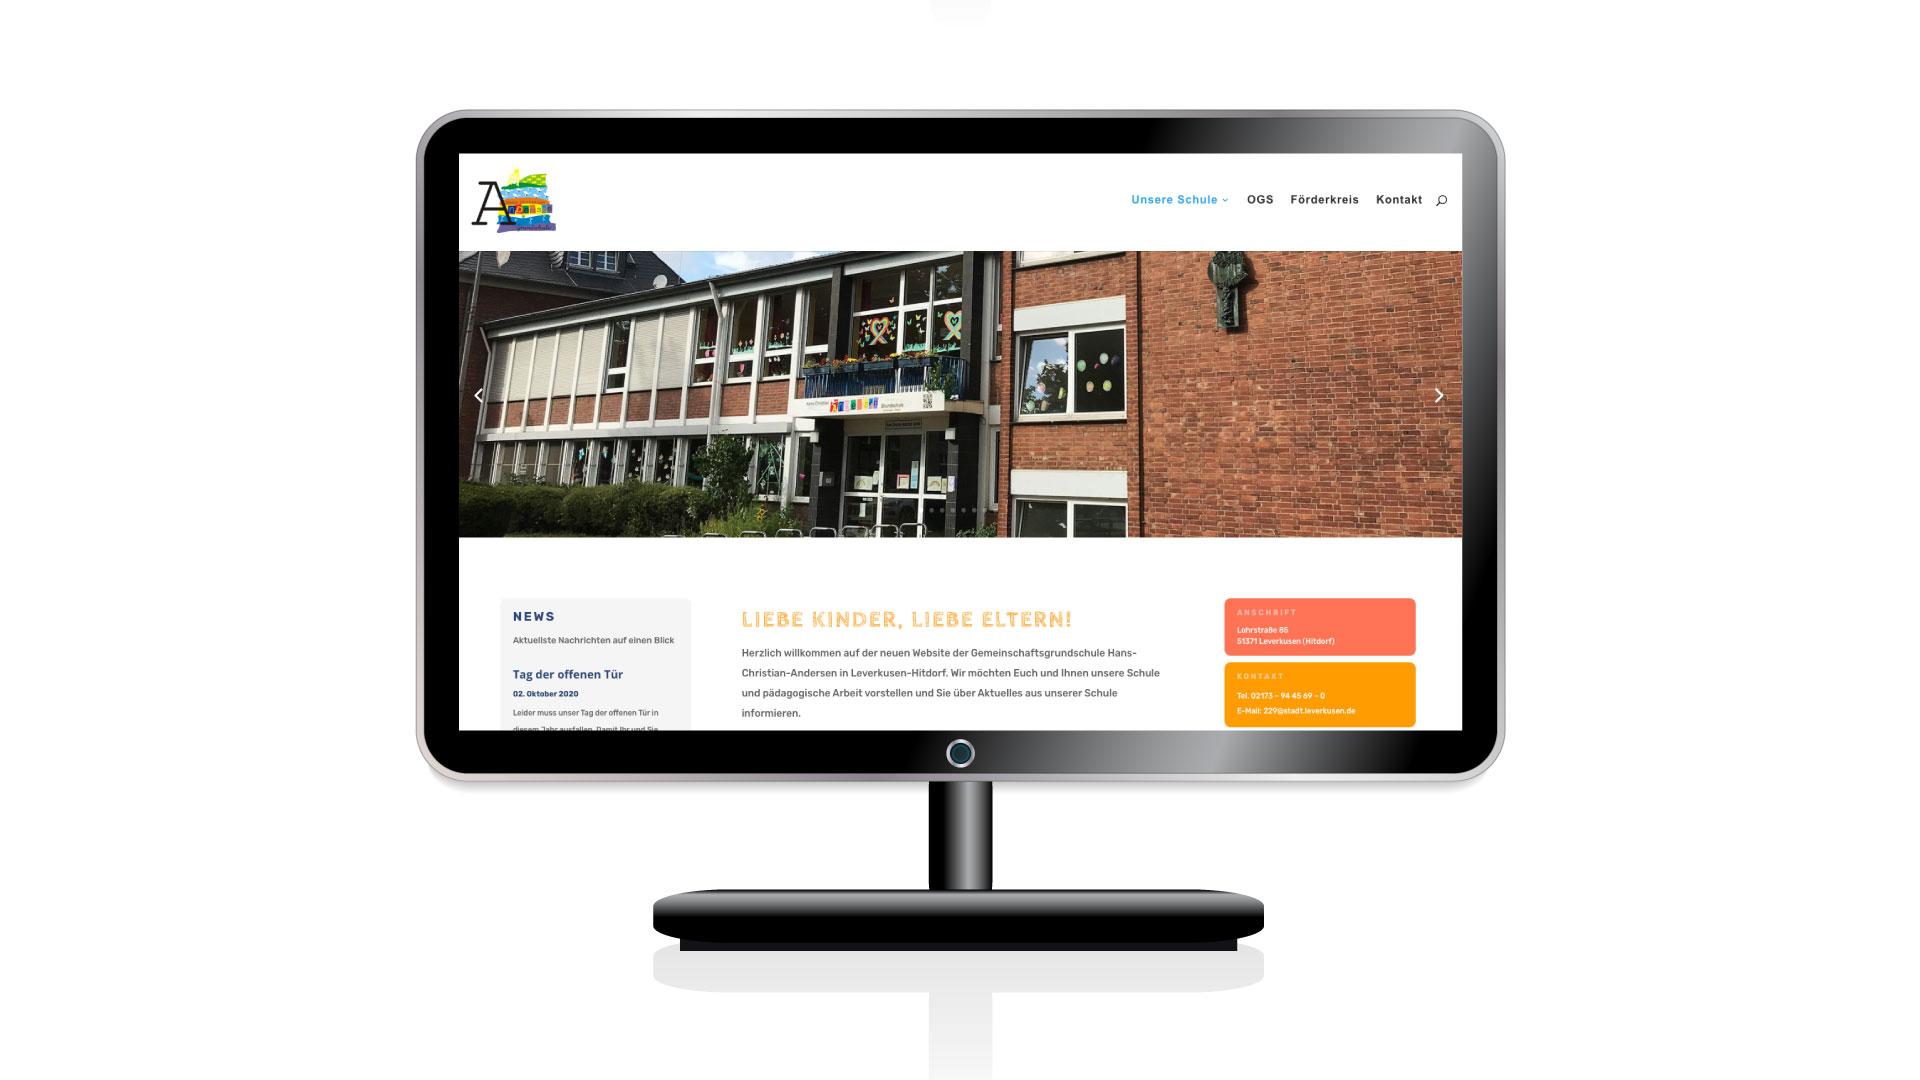 Neue Website für die Hans-Christian-Andersen Grundschule in Leverkusen Hitdorf